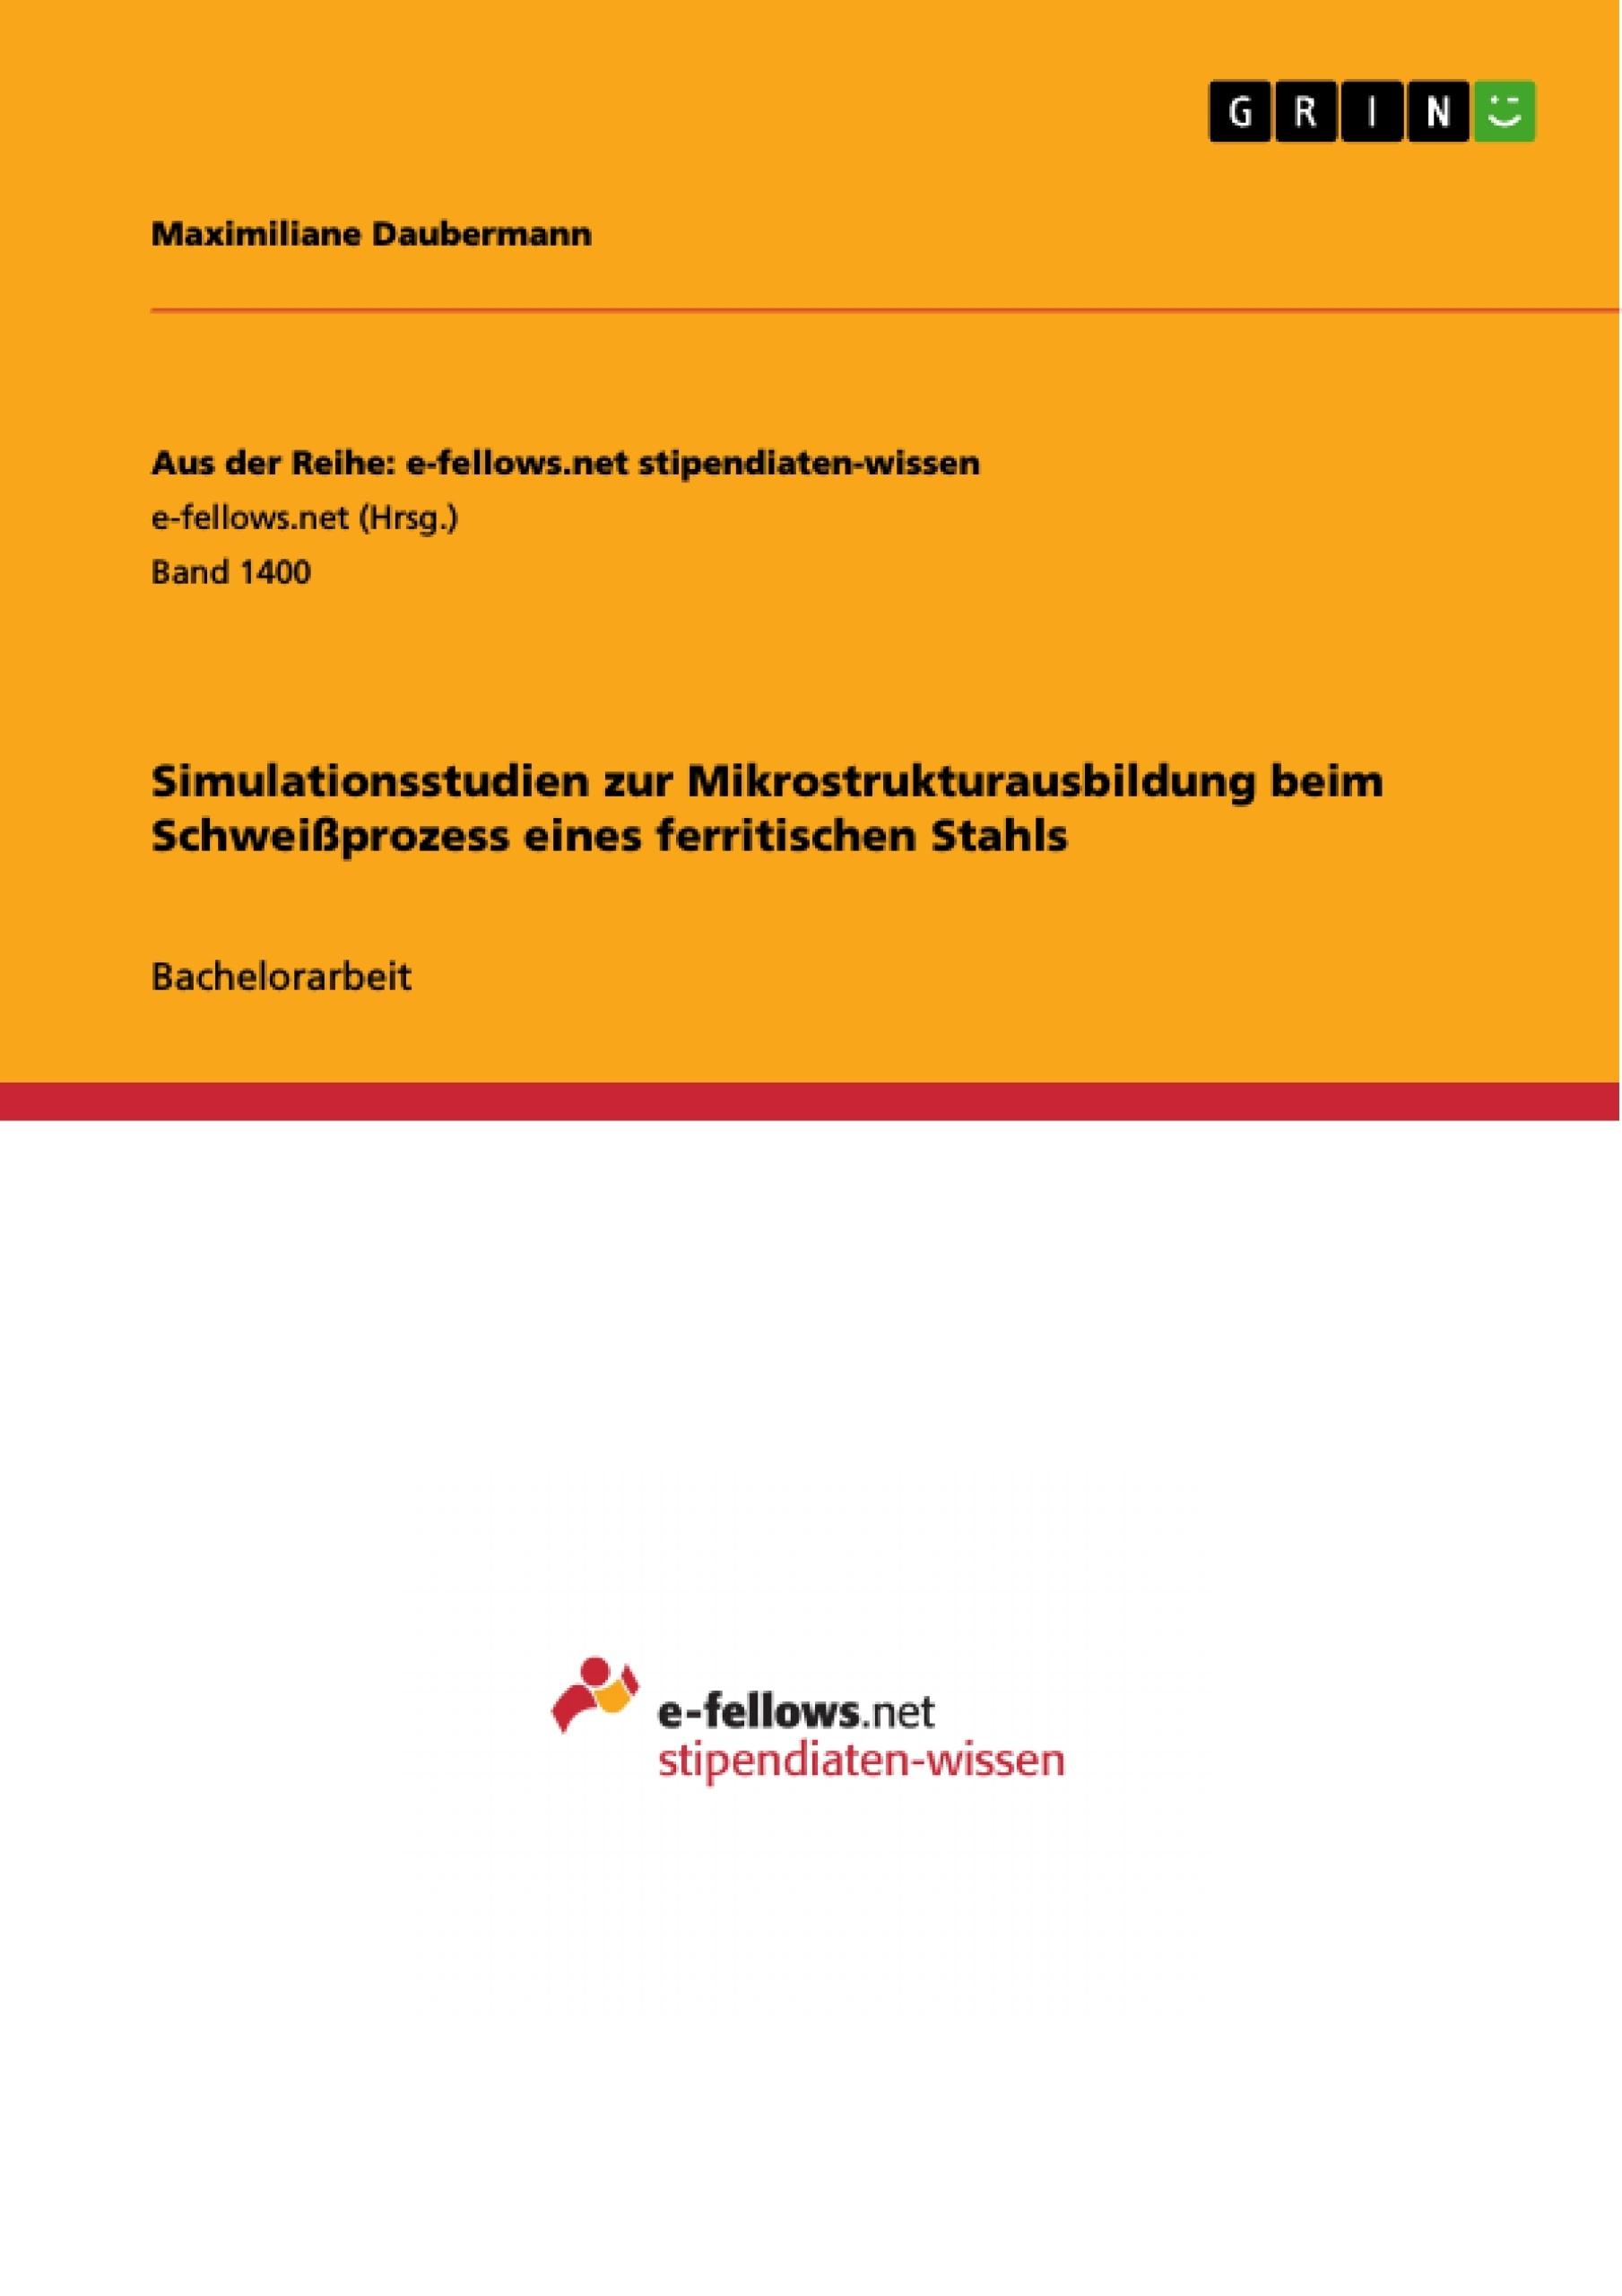 Titel: Simulationsstudien zur Mikrostrukturausbildung beim Schweißprozess eines ferritischen Stahls